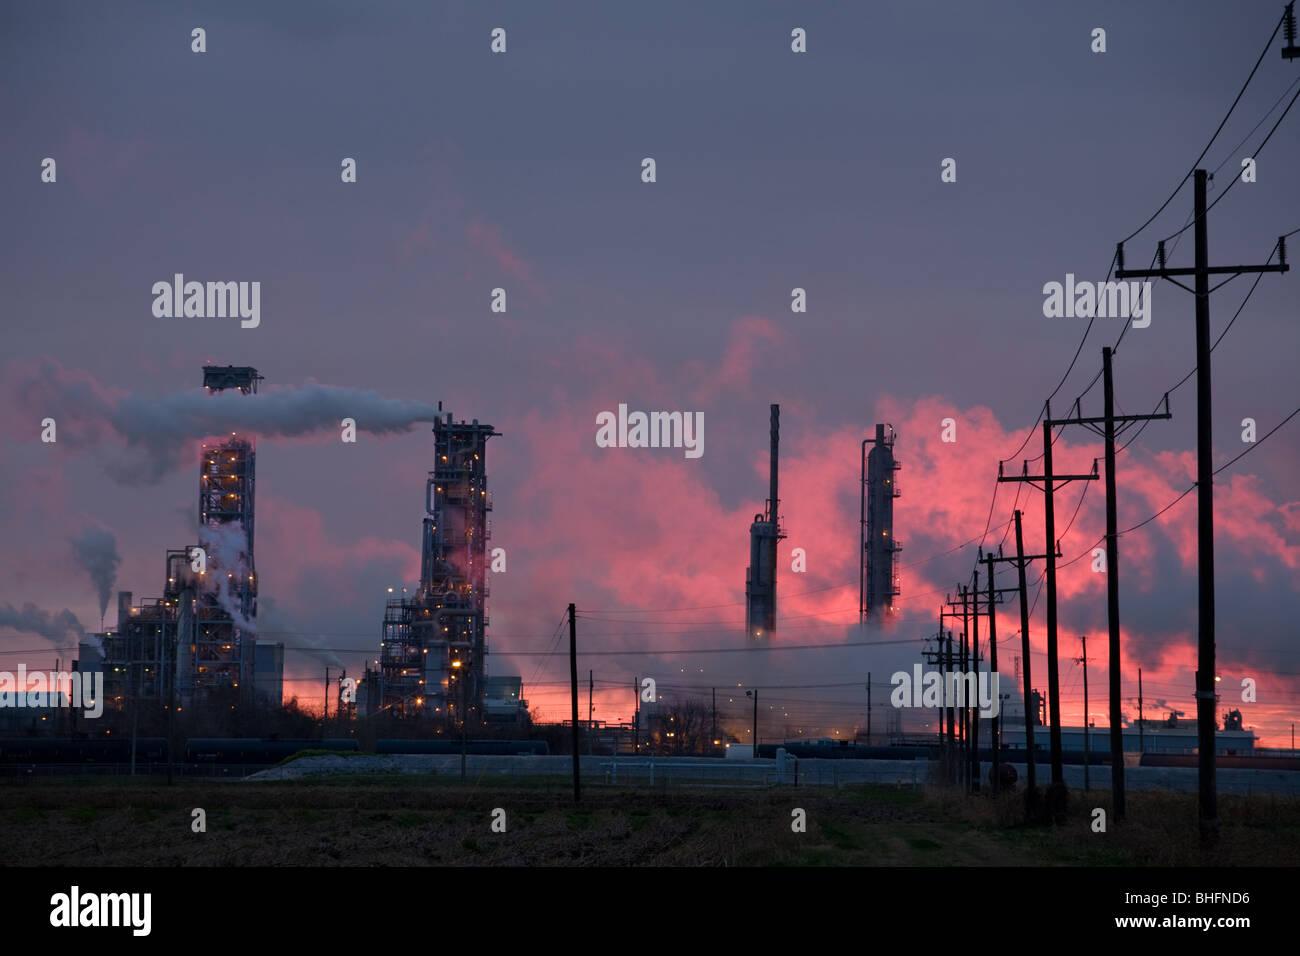 Al atardecer, refinerías Donaldsonville, Luisiana, inicio del Callejón de Química Imagen De Stock